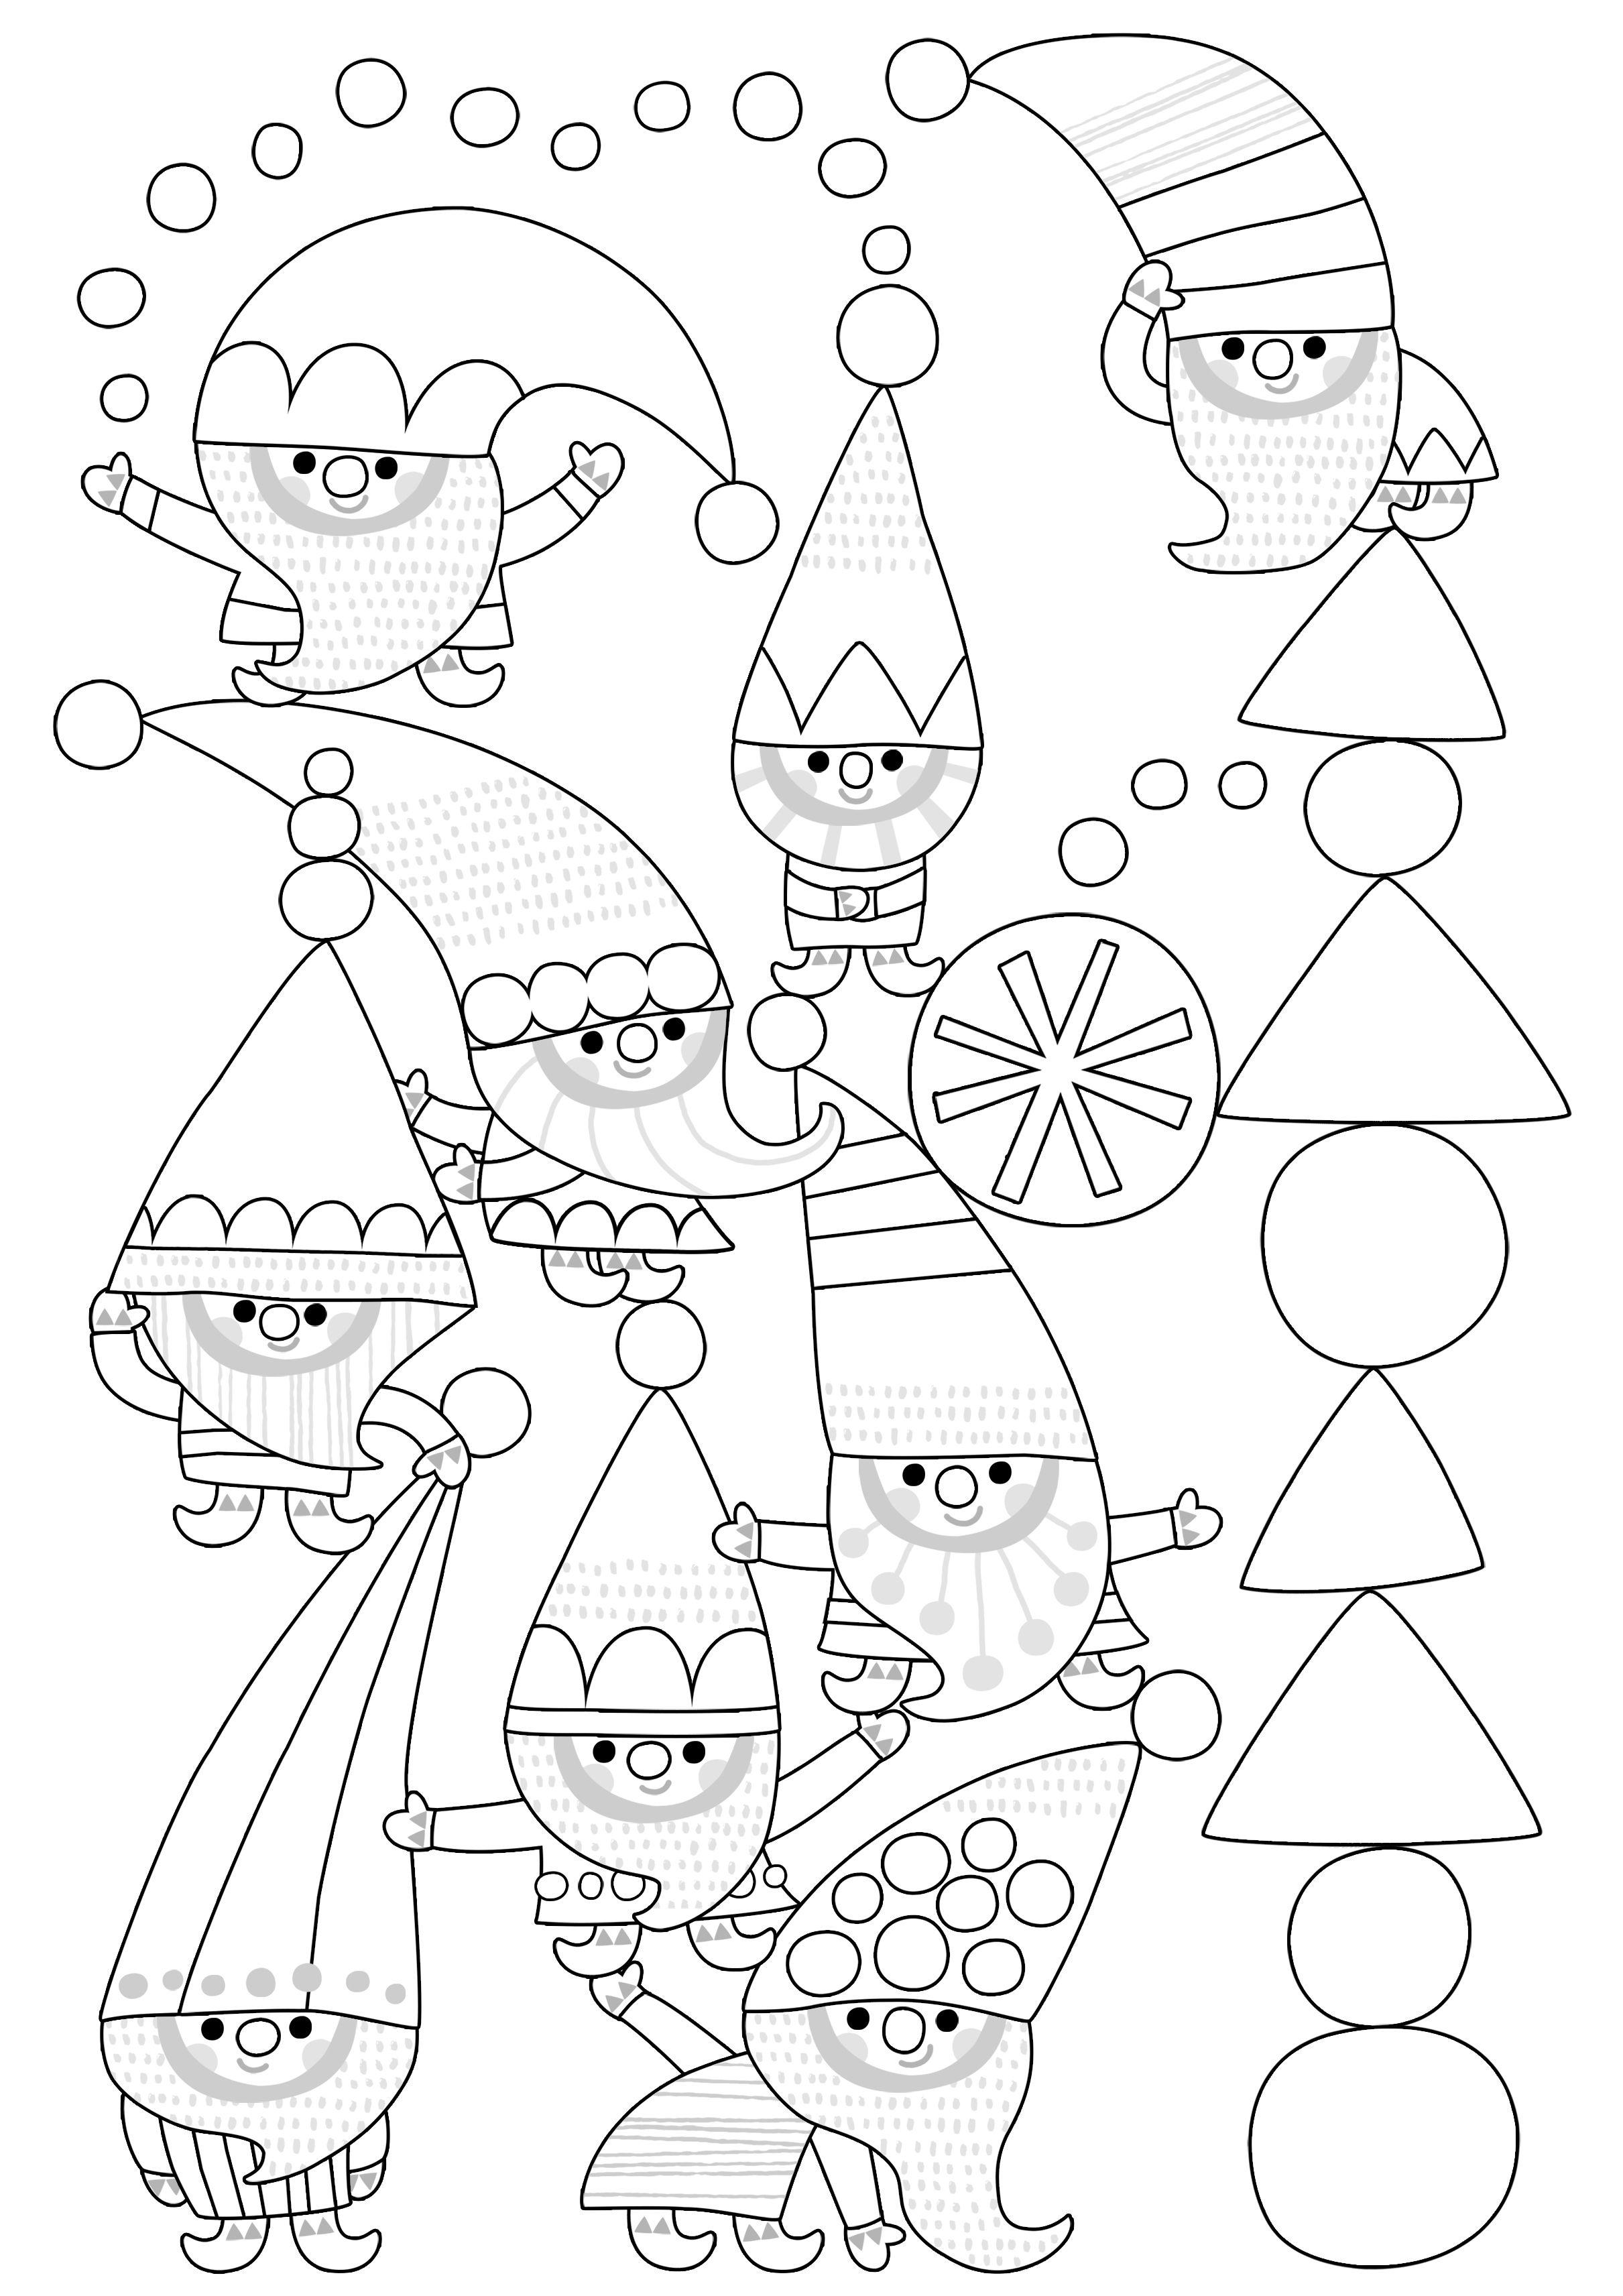 Värityskuva   free printable pattern   lasten   lapset   joulu ...